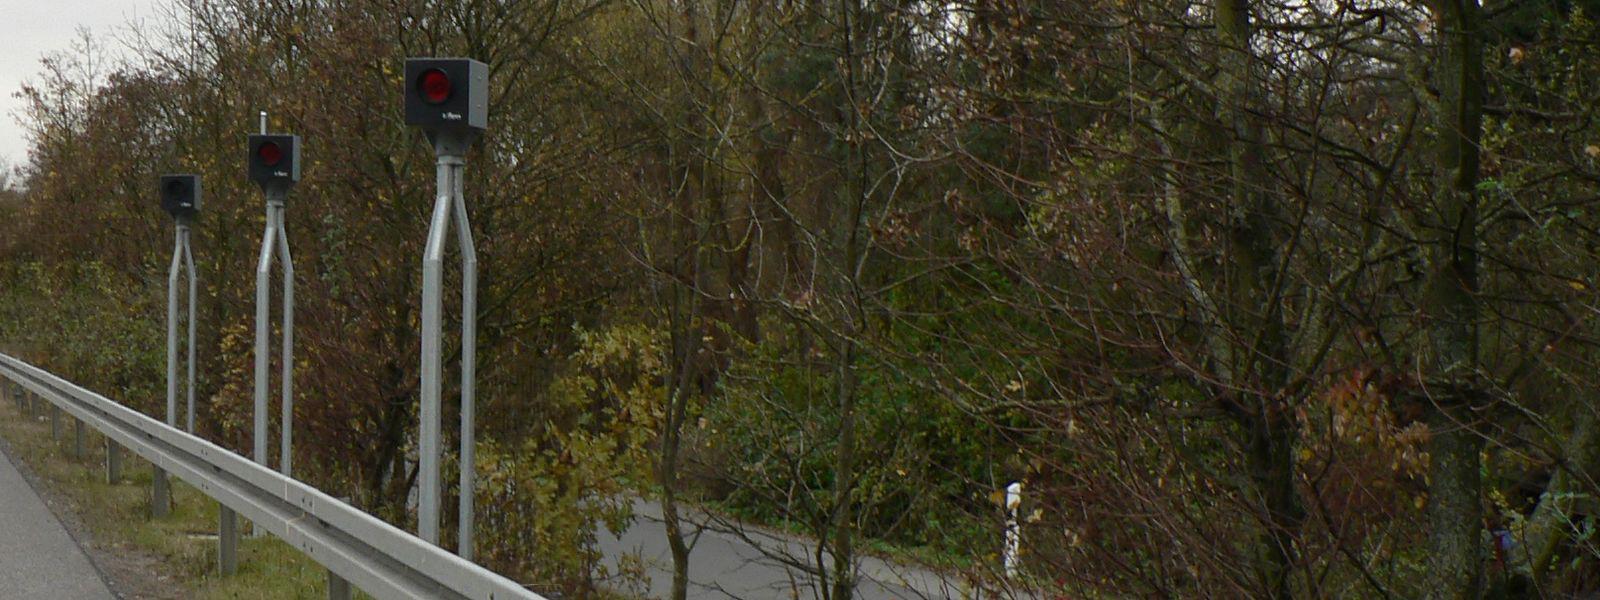 Geblitzt auf der A 8 bei Leonberg? Messungen können jetzt besser überprüft werden!